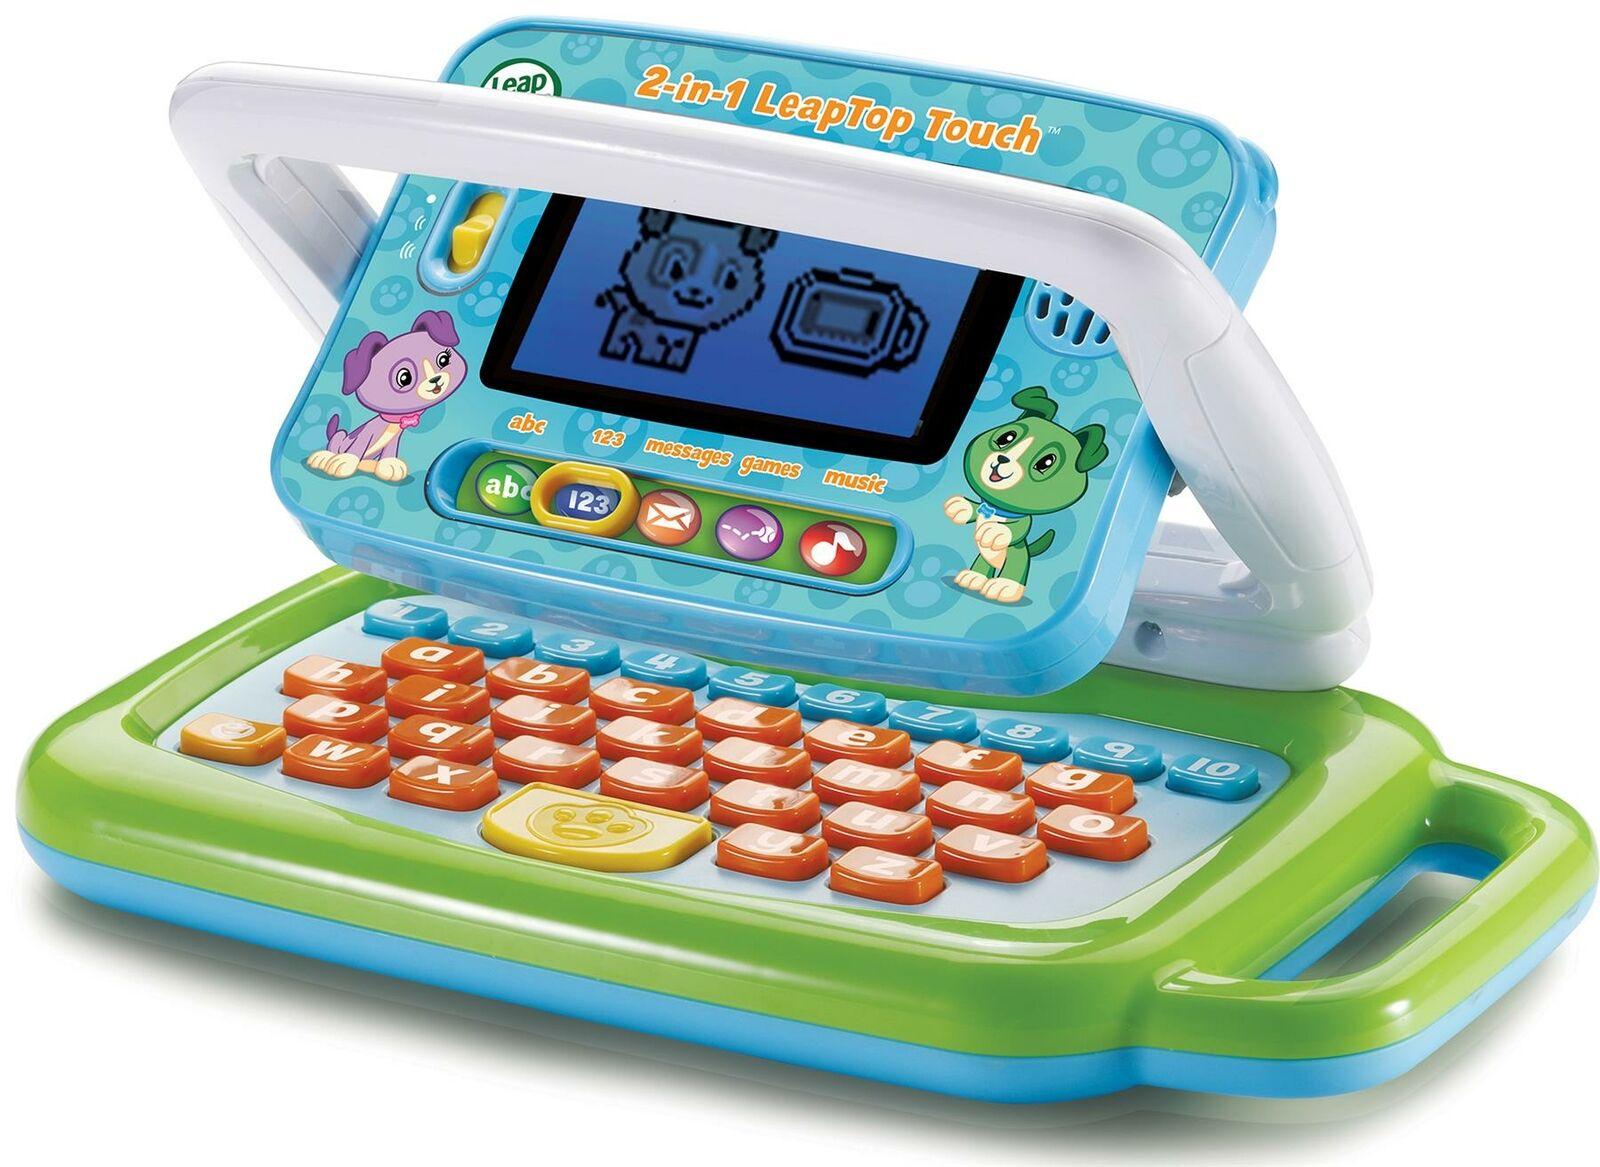 Leapfrog 2 IN 1 Leaptop Touch Bildungs Elektronische Sprechende Kinder Spielzeug